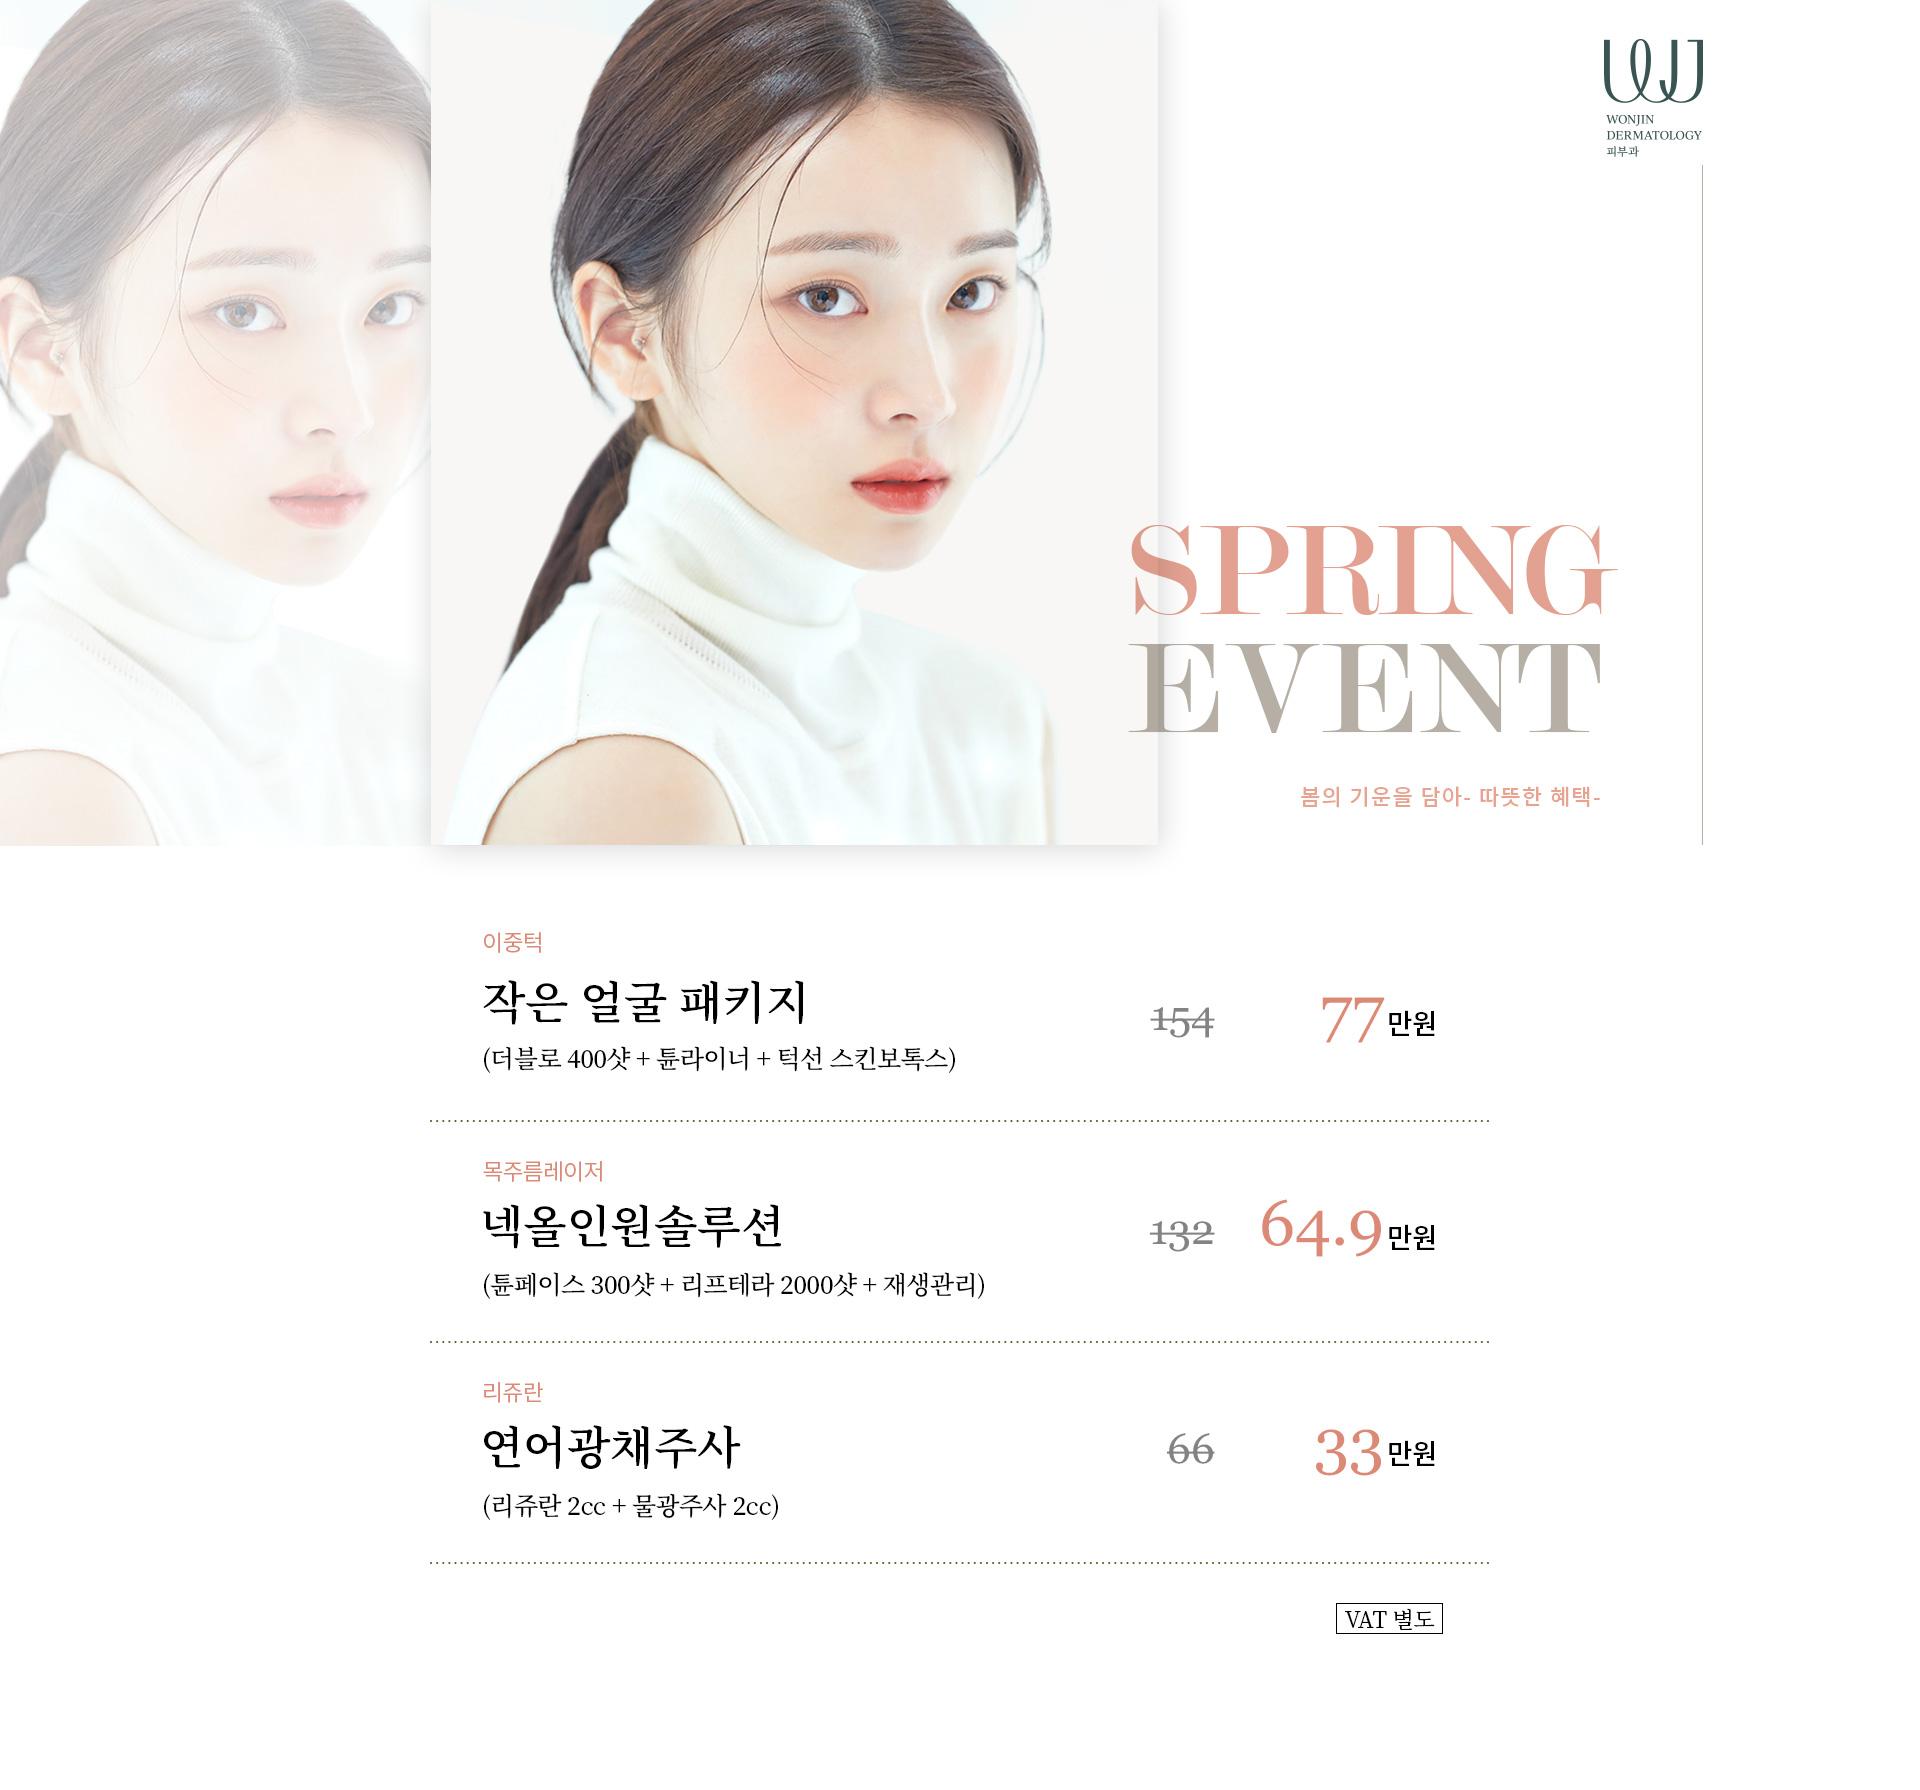 피부과 봄 이벤트